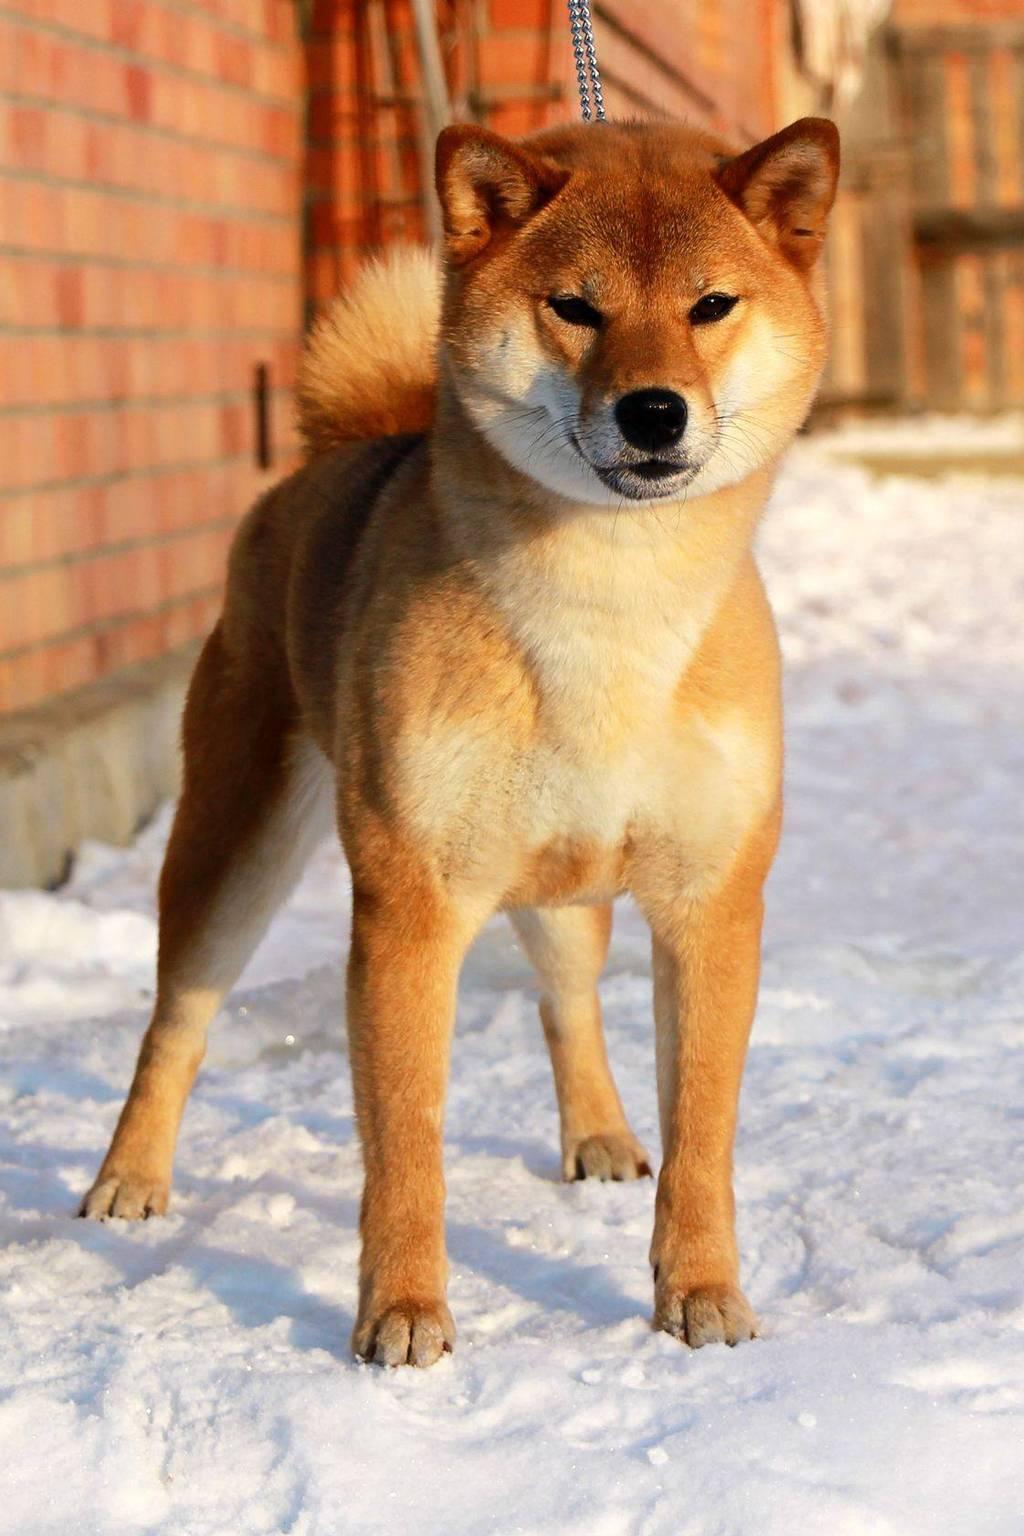 Размеры сиба-ину: вес и рост взрослого питомца в зависимости от пола + как развивается щенок